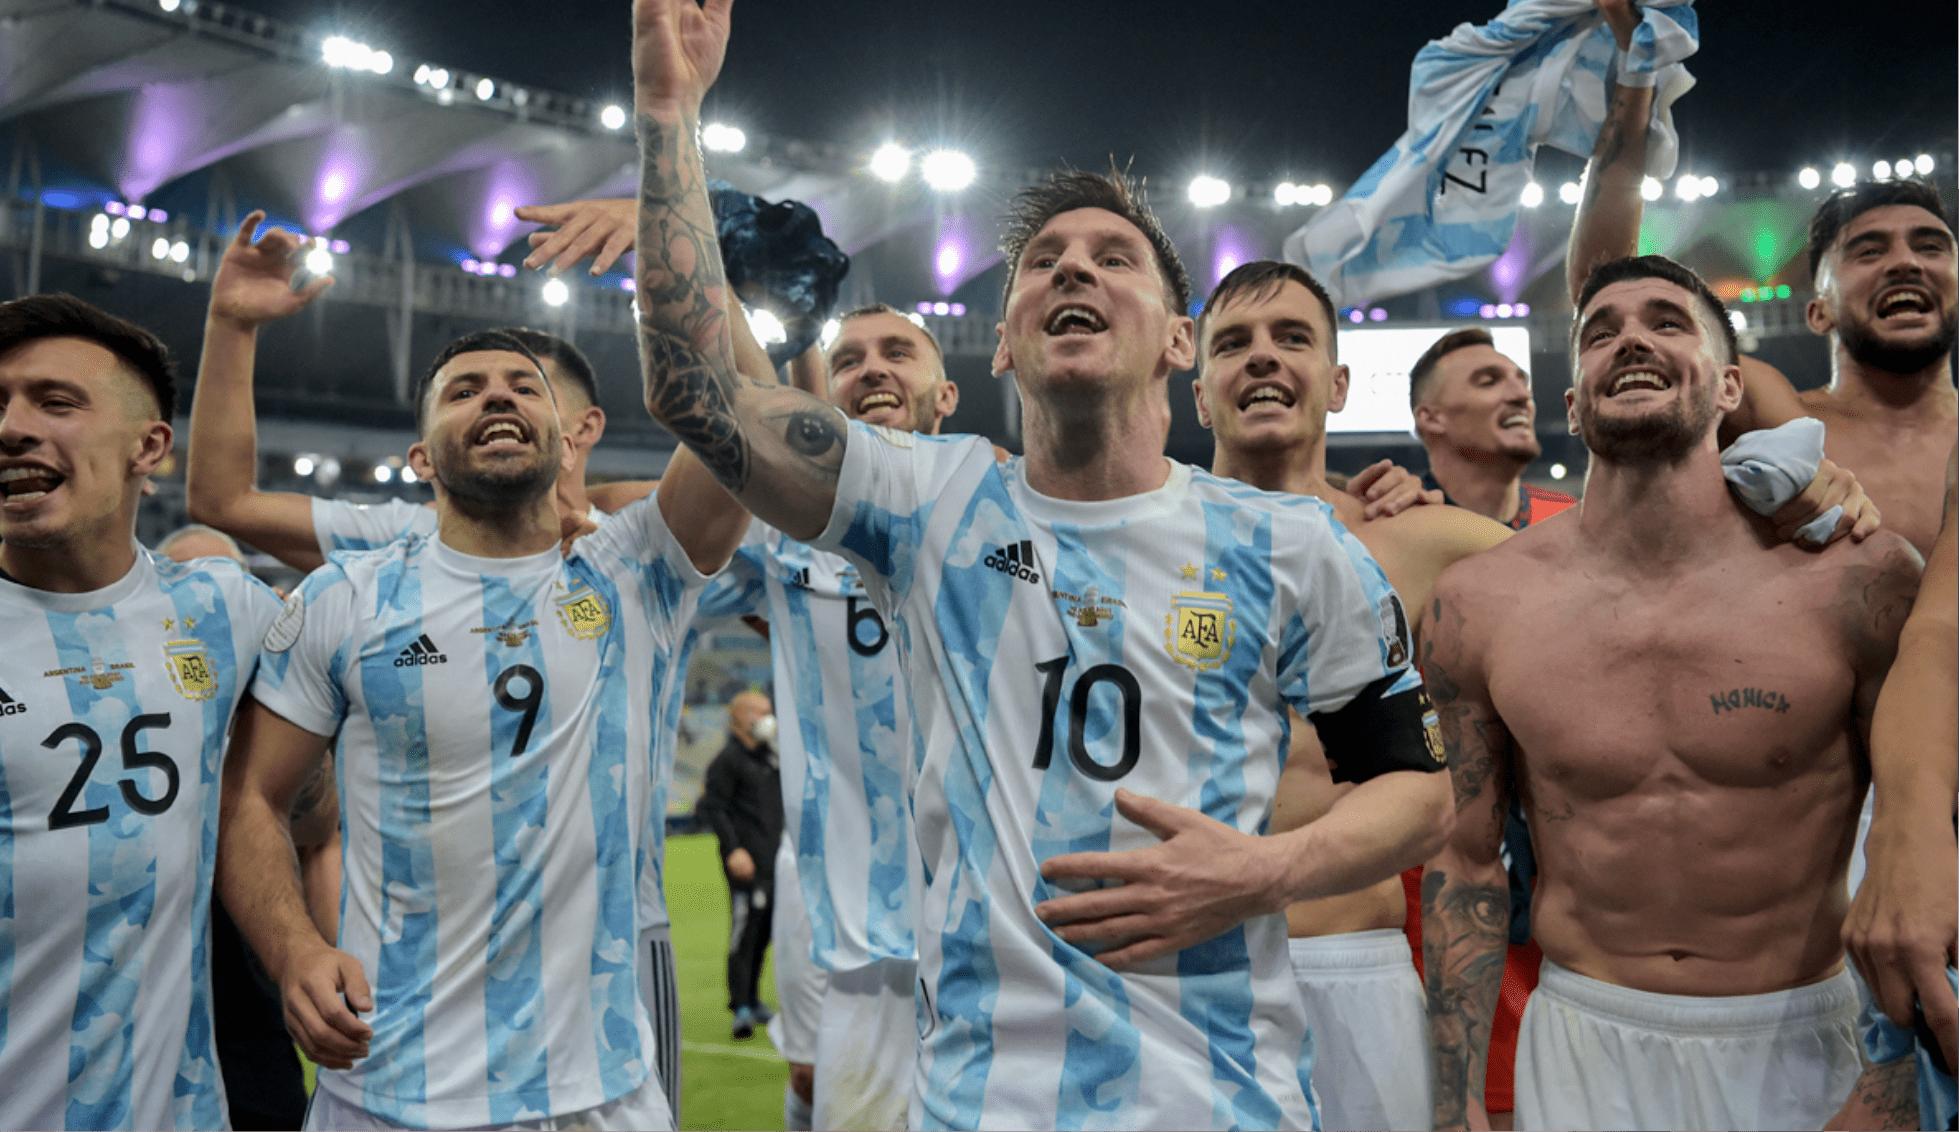 ¡La alegría es Argentina! El conjunto albiceleste se consagró campeón de la Copa América 2021